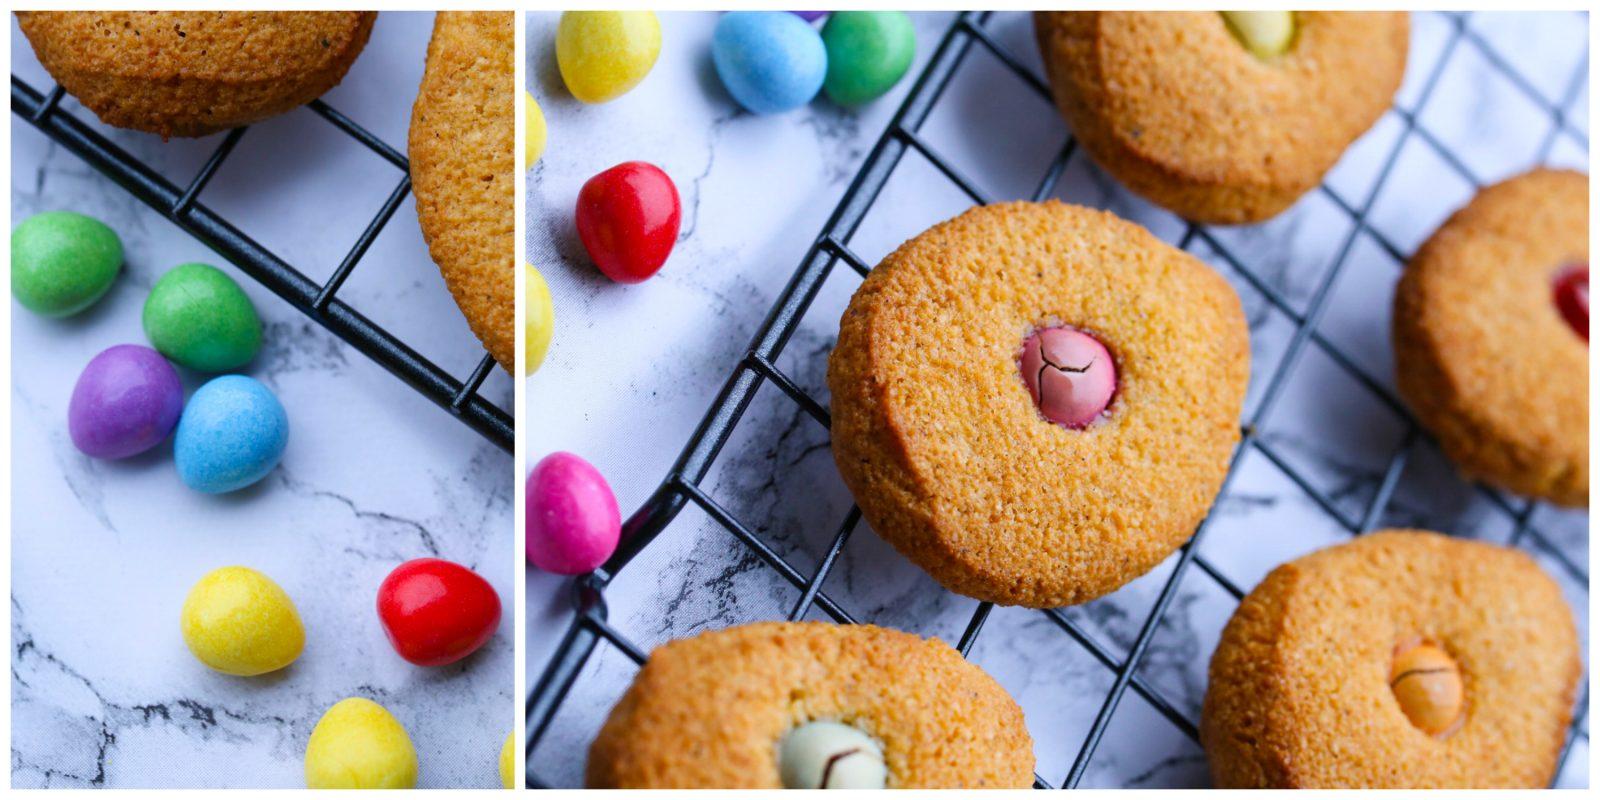 LcHf; påskecookies - 3 ingredienser